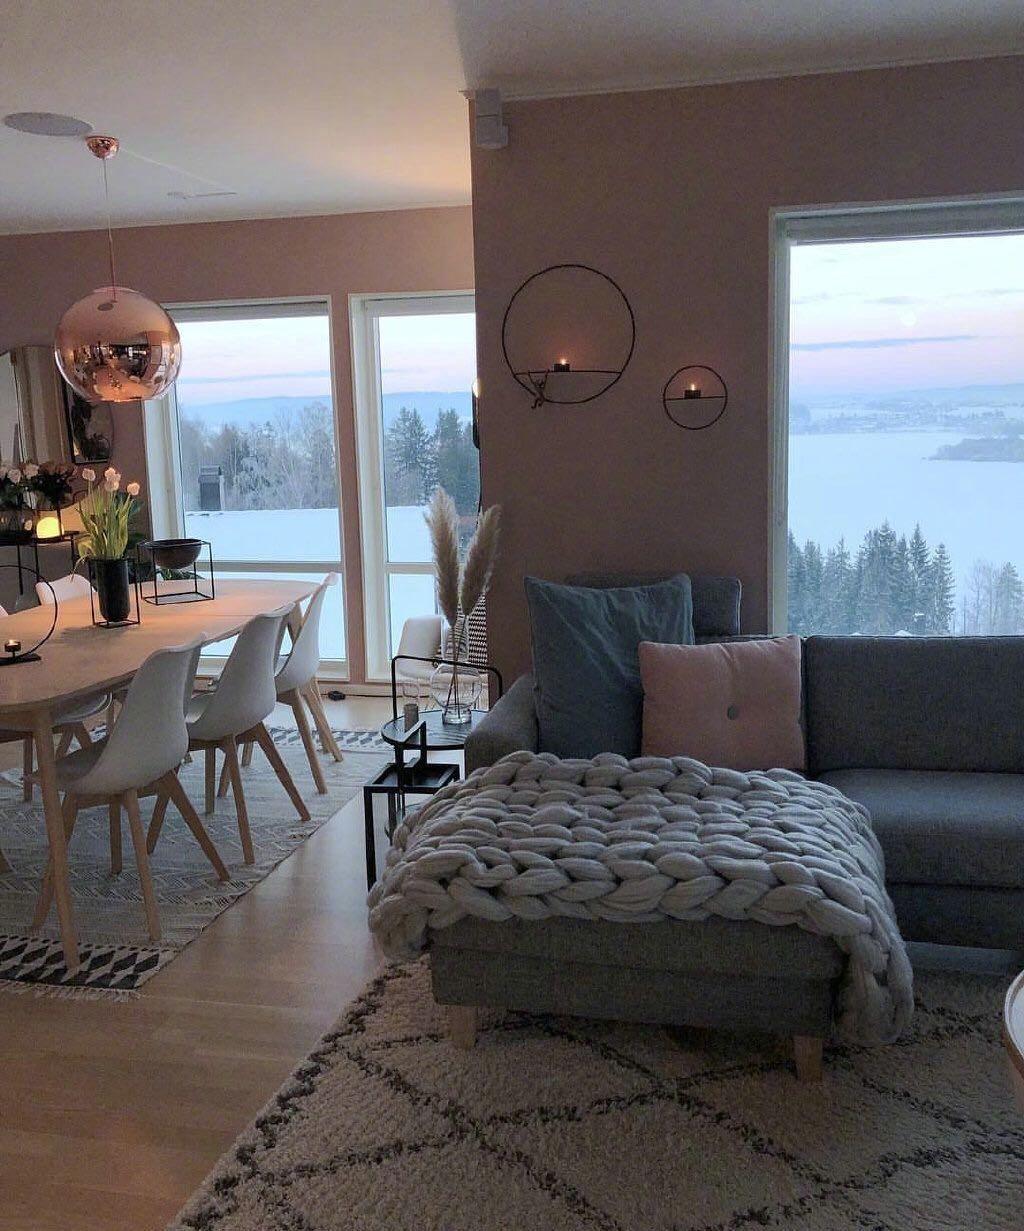 2020現代起居室裝修設計 2020現代背景墻裝修設計圖片